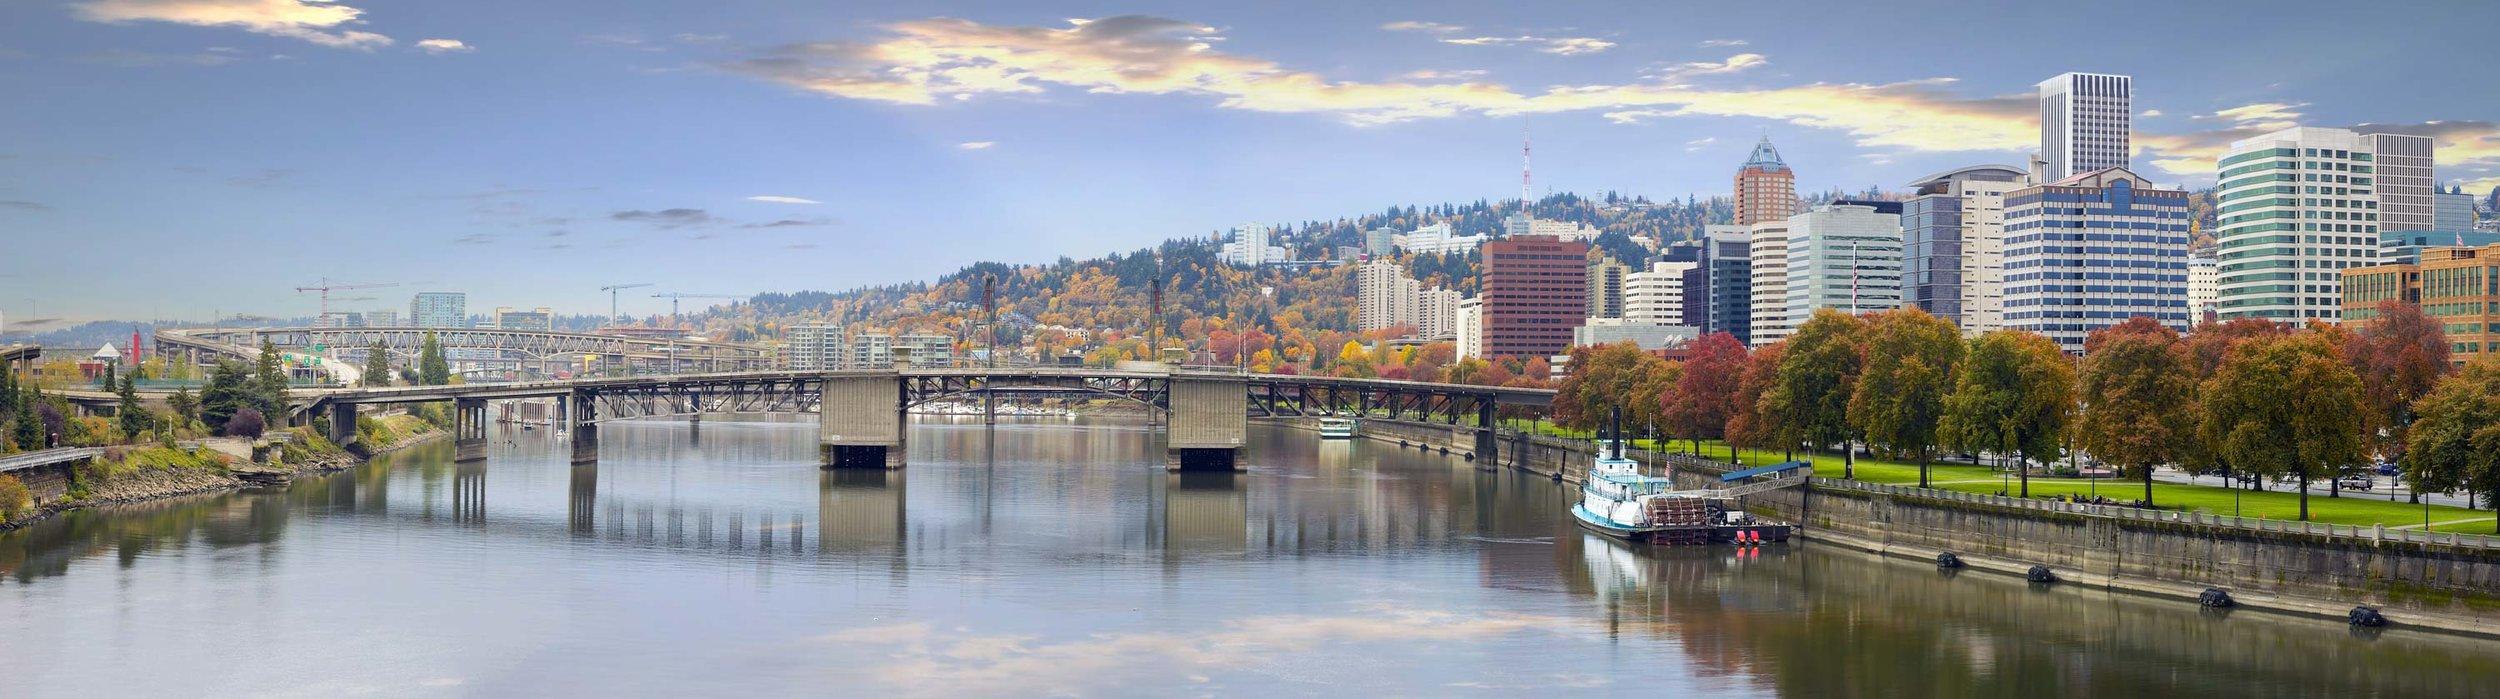 Downtown Portland Skyline Adobe Photo.jpg